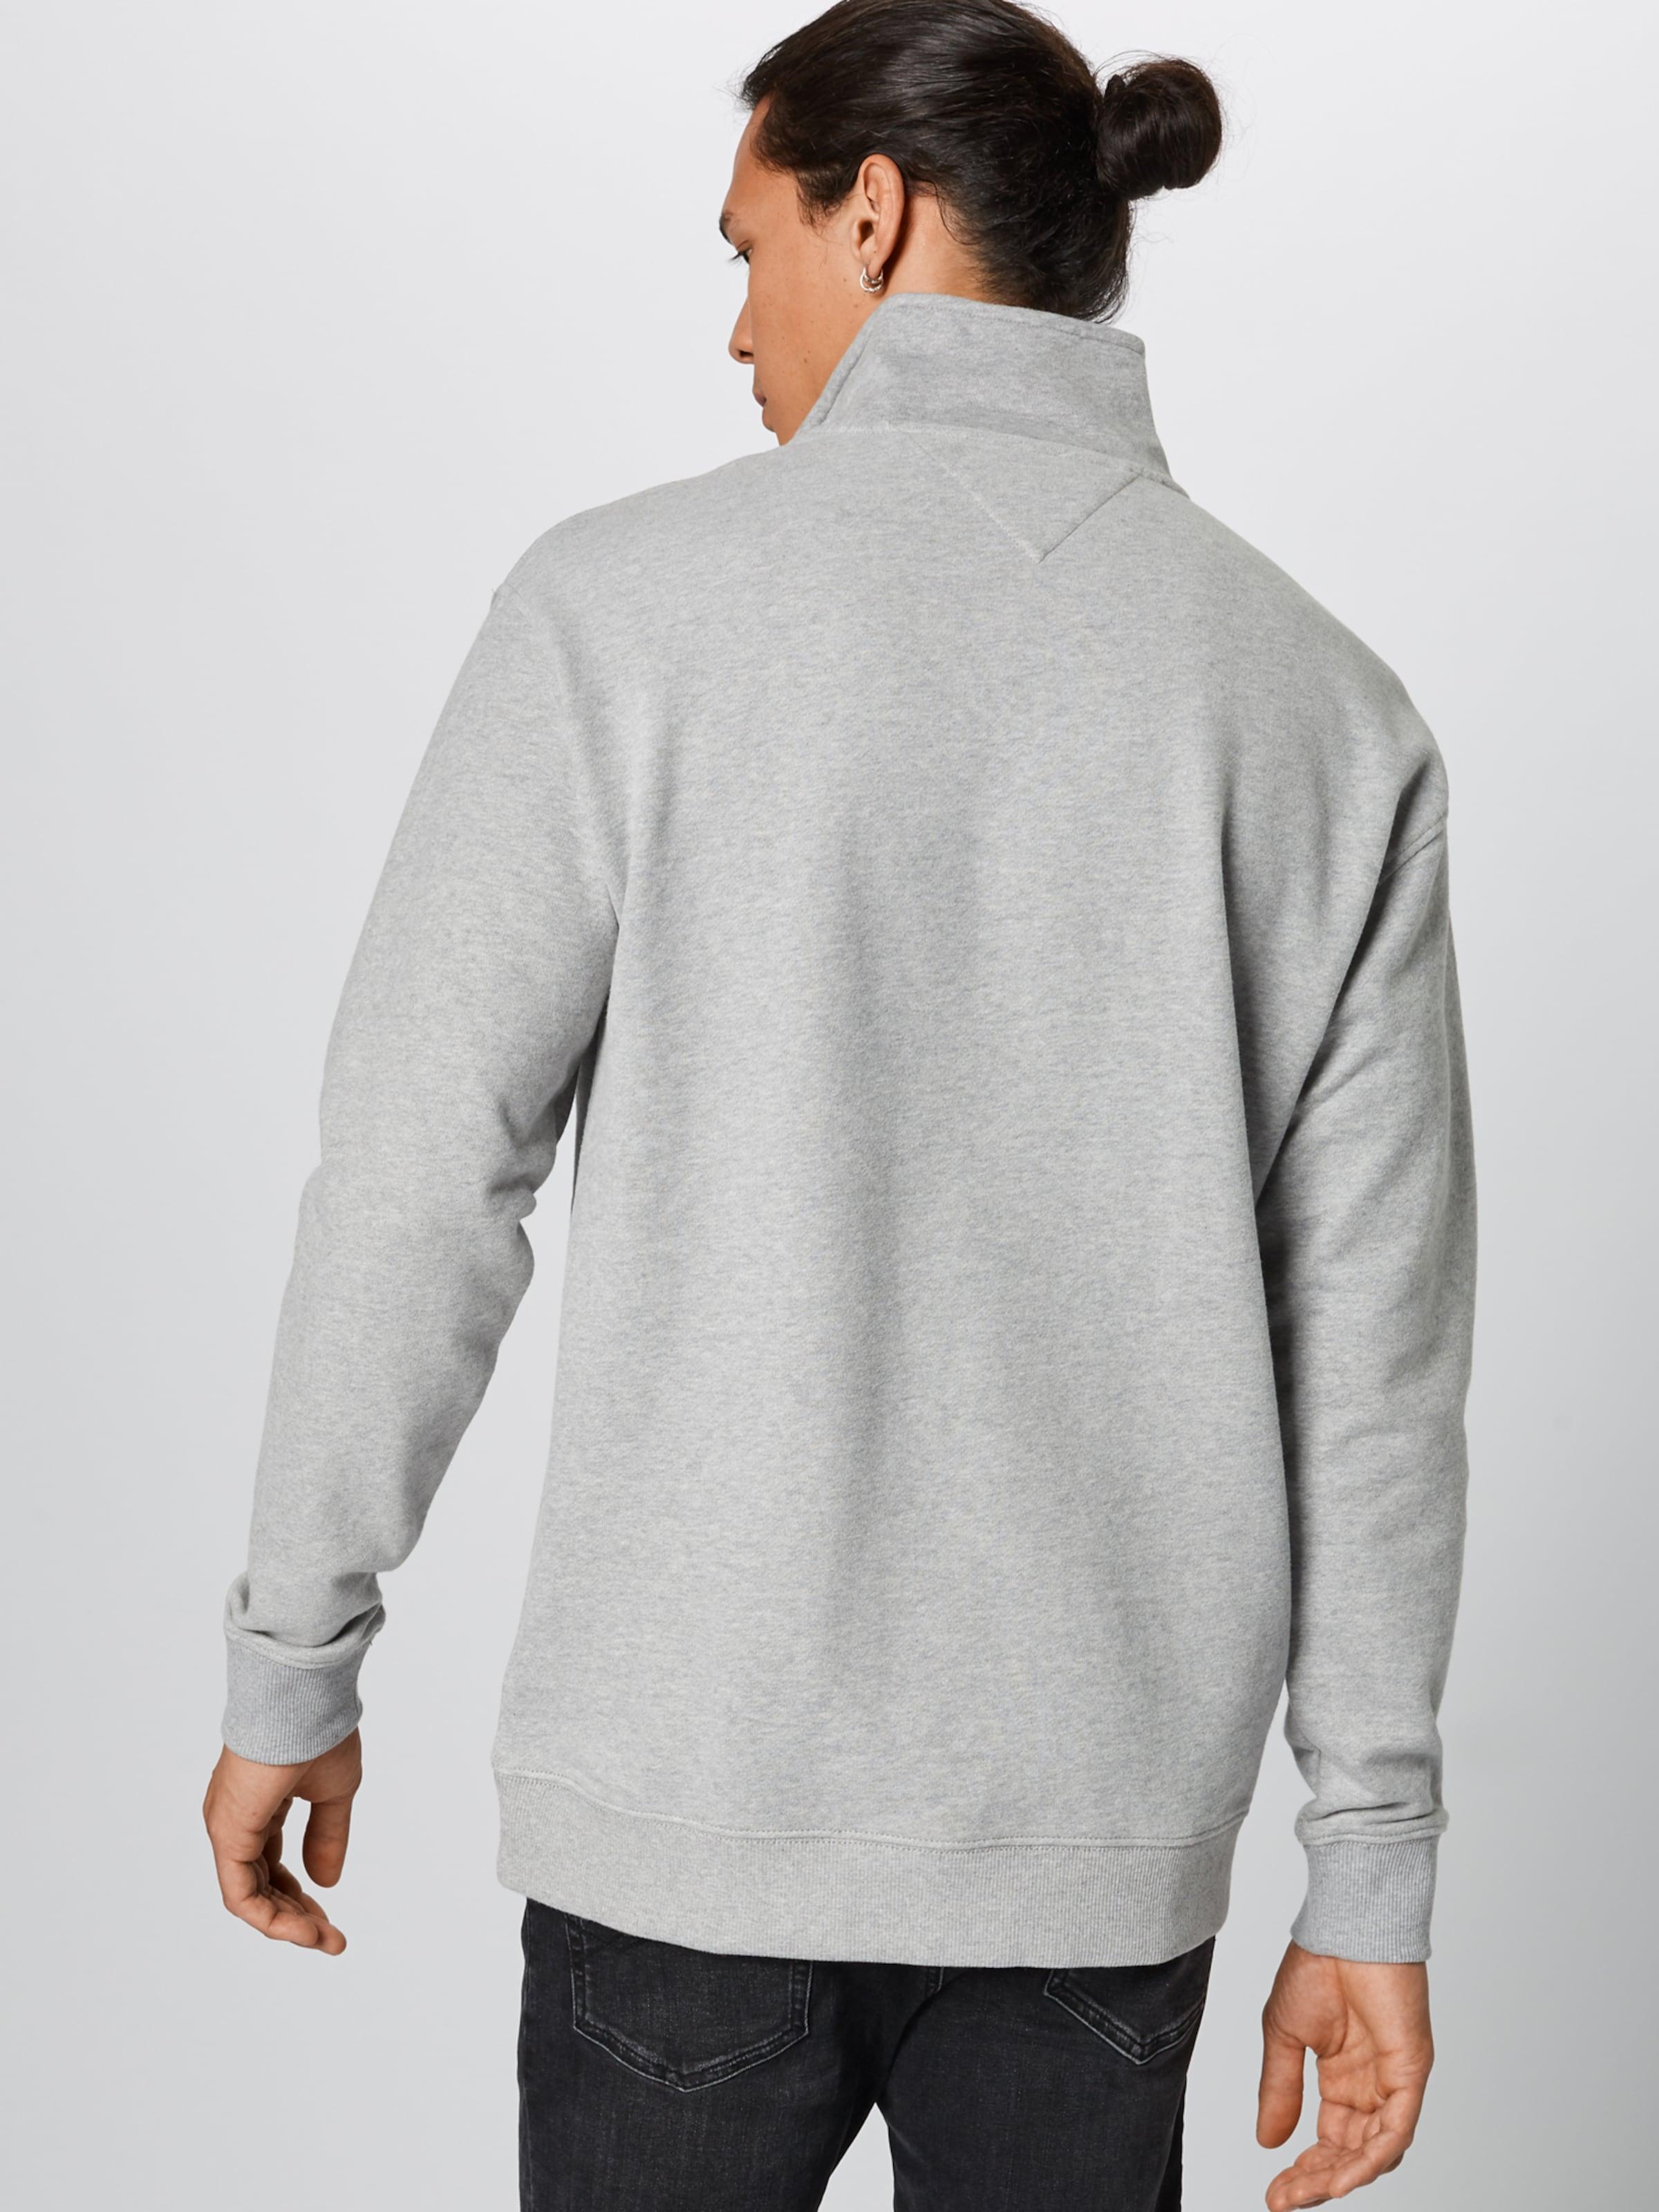 Tommy Jeans In In Jeans Sweatshirt Tommy In Grau Sweatshirt Sweatshirt Tommy Jeans Grau VSUpzM